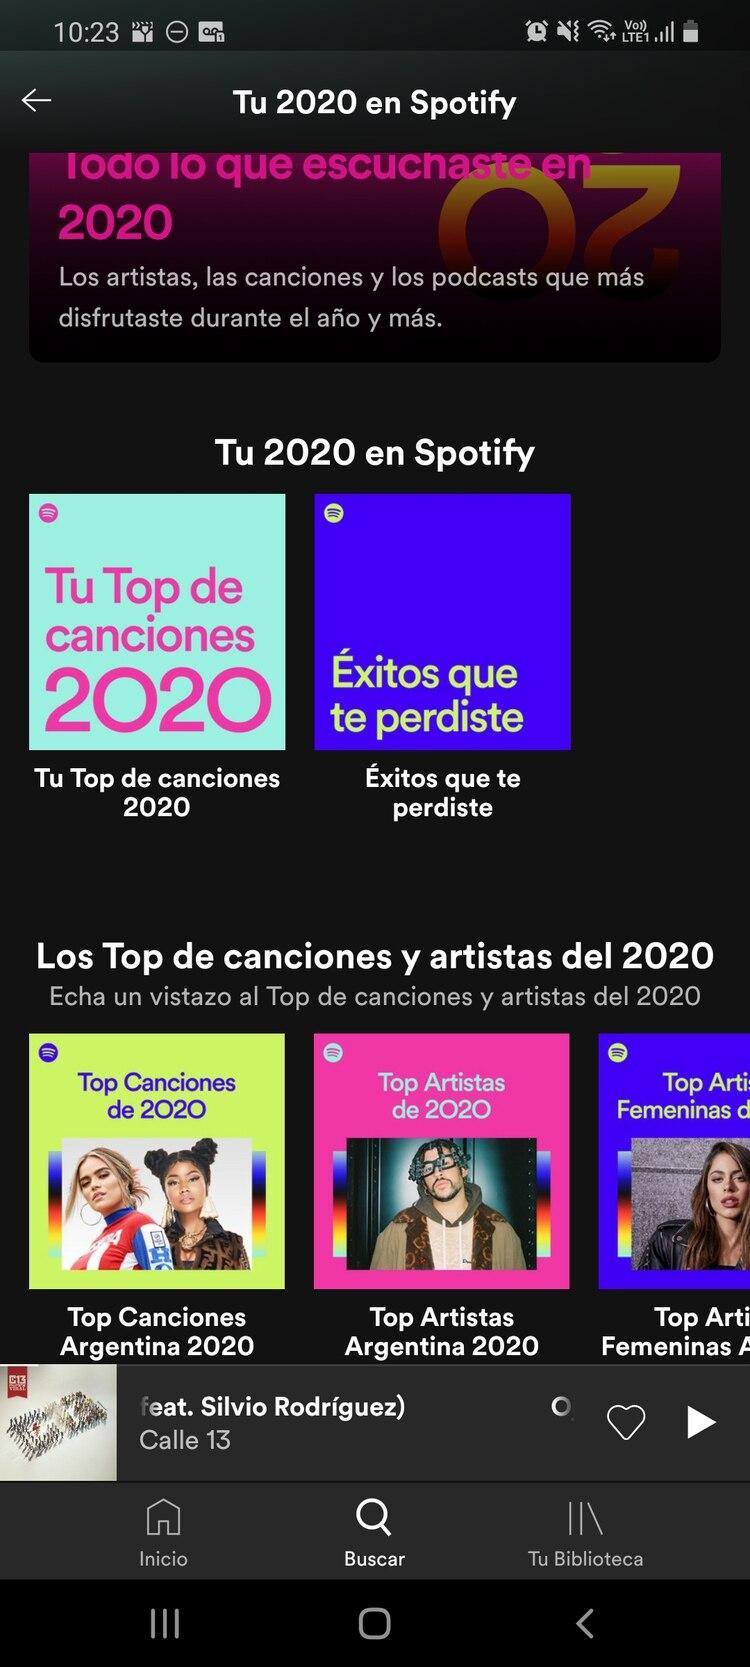 Spotify wrapped 2020 te ofrece un resumen de lo que más escuchaste en el año